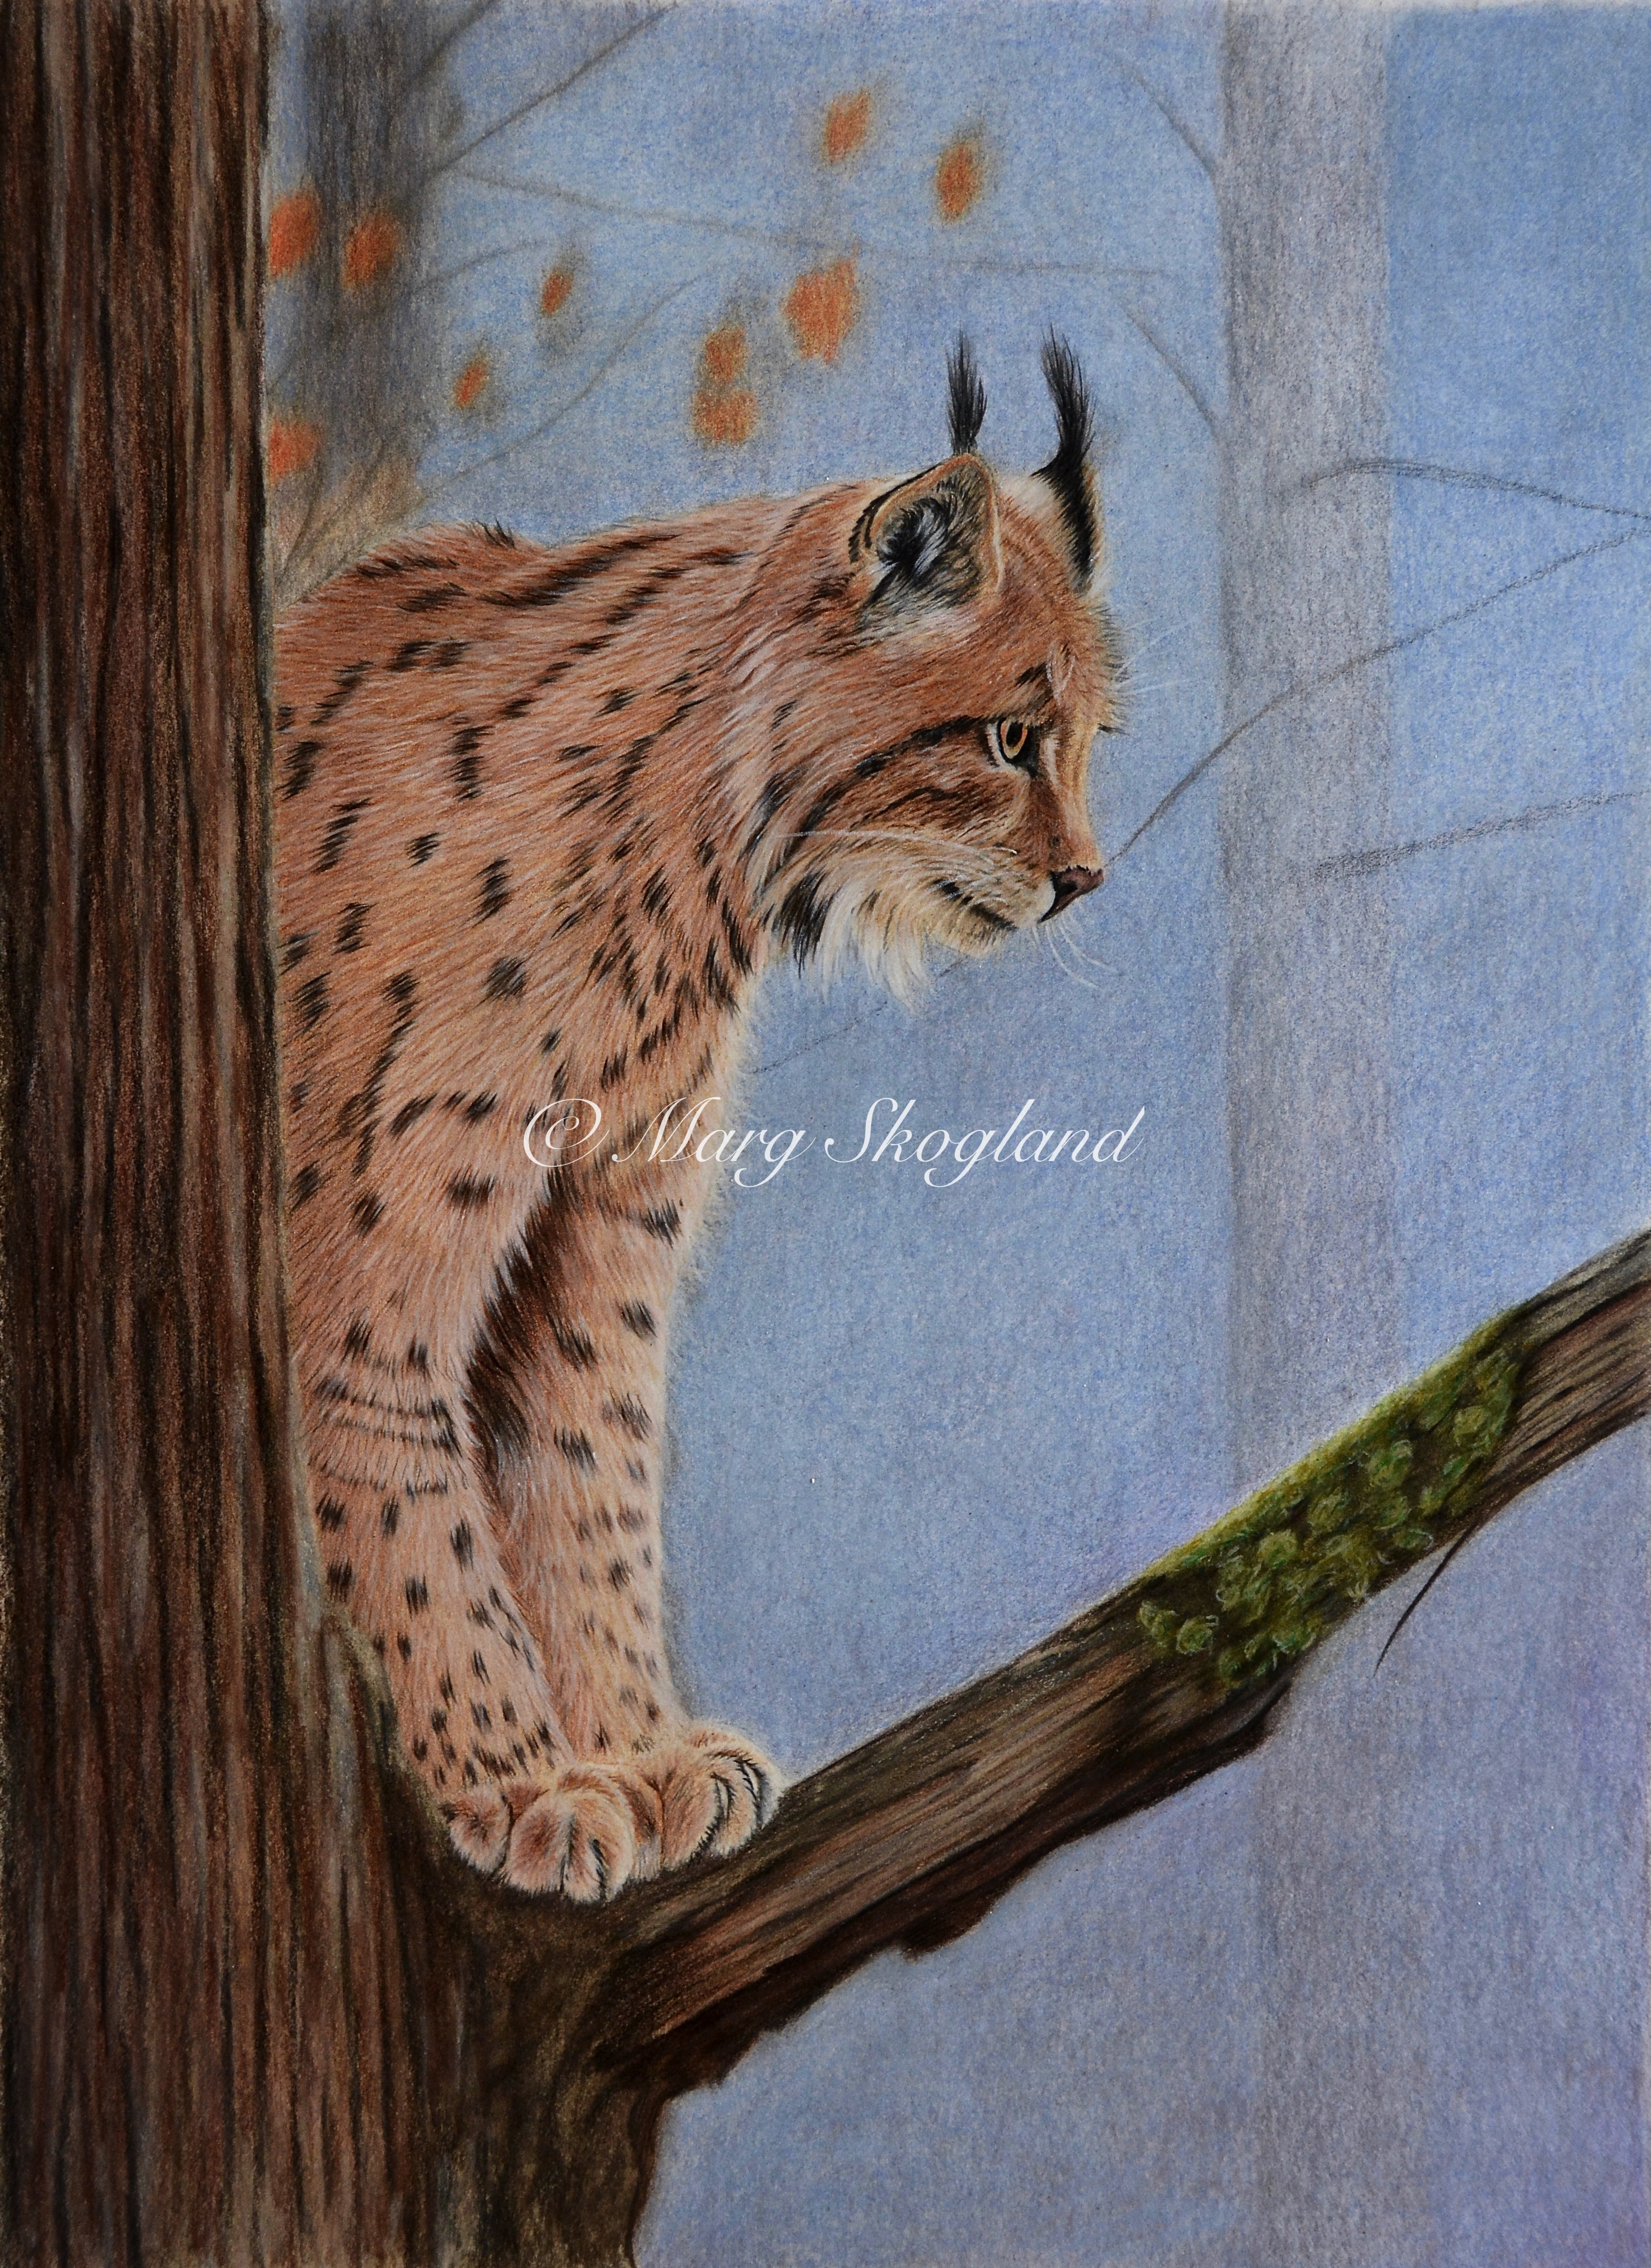 Lynx in a tree